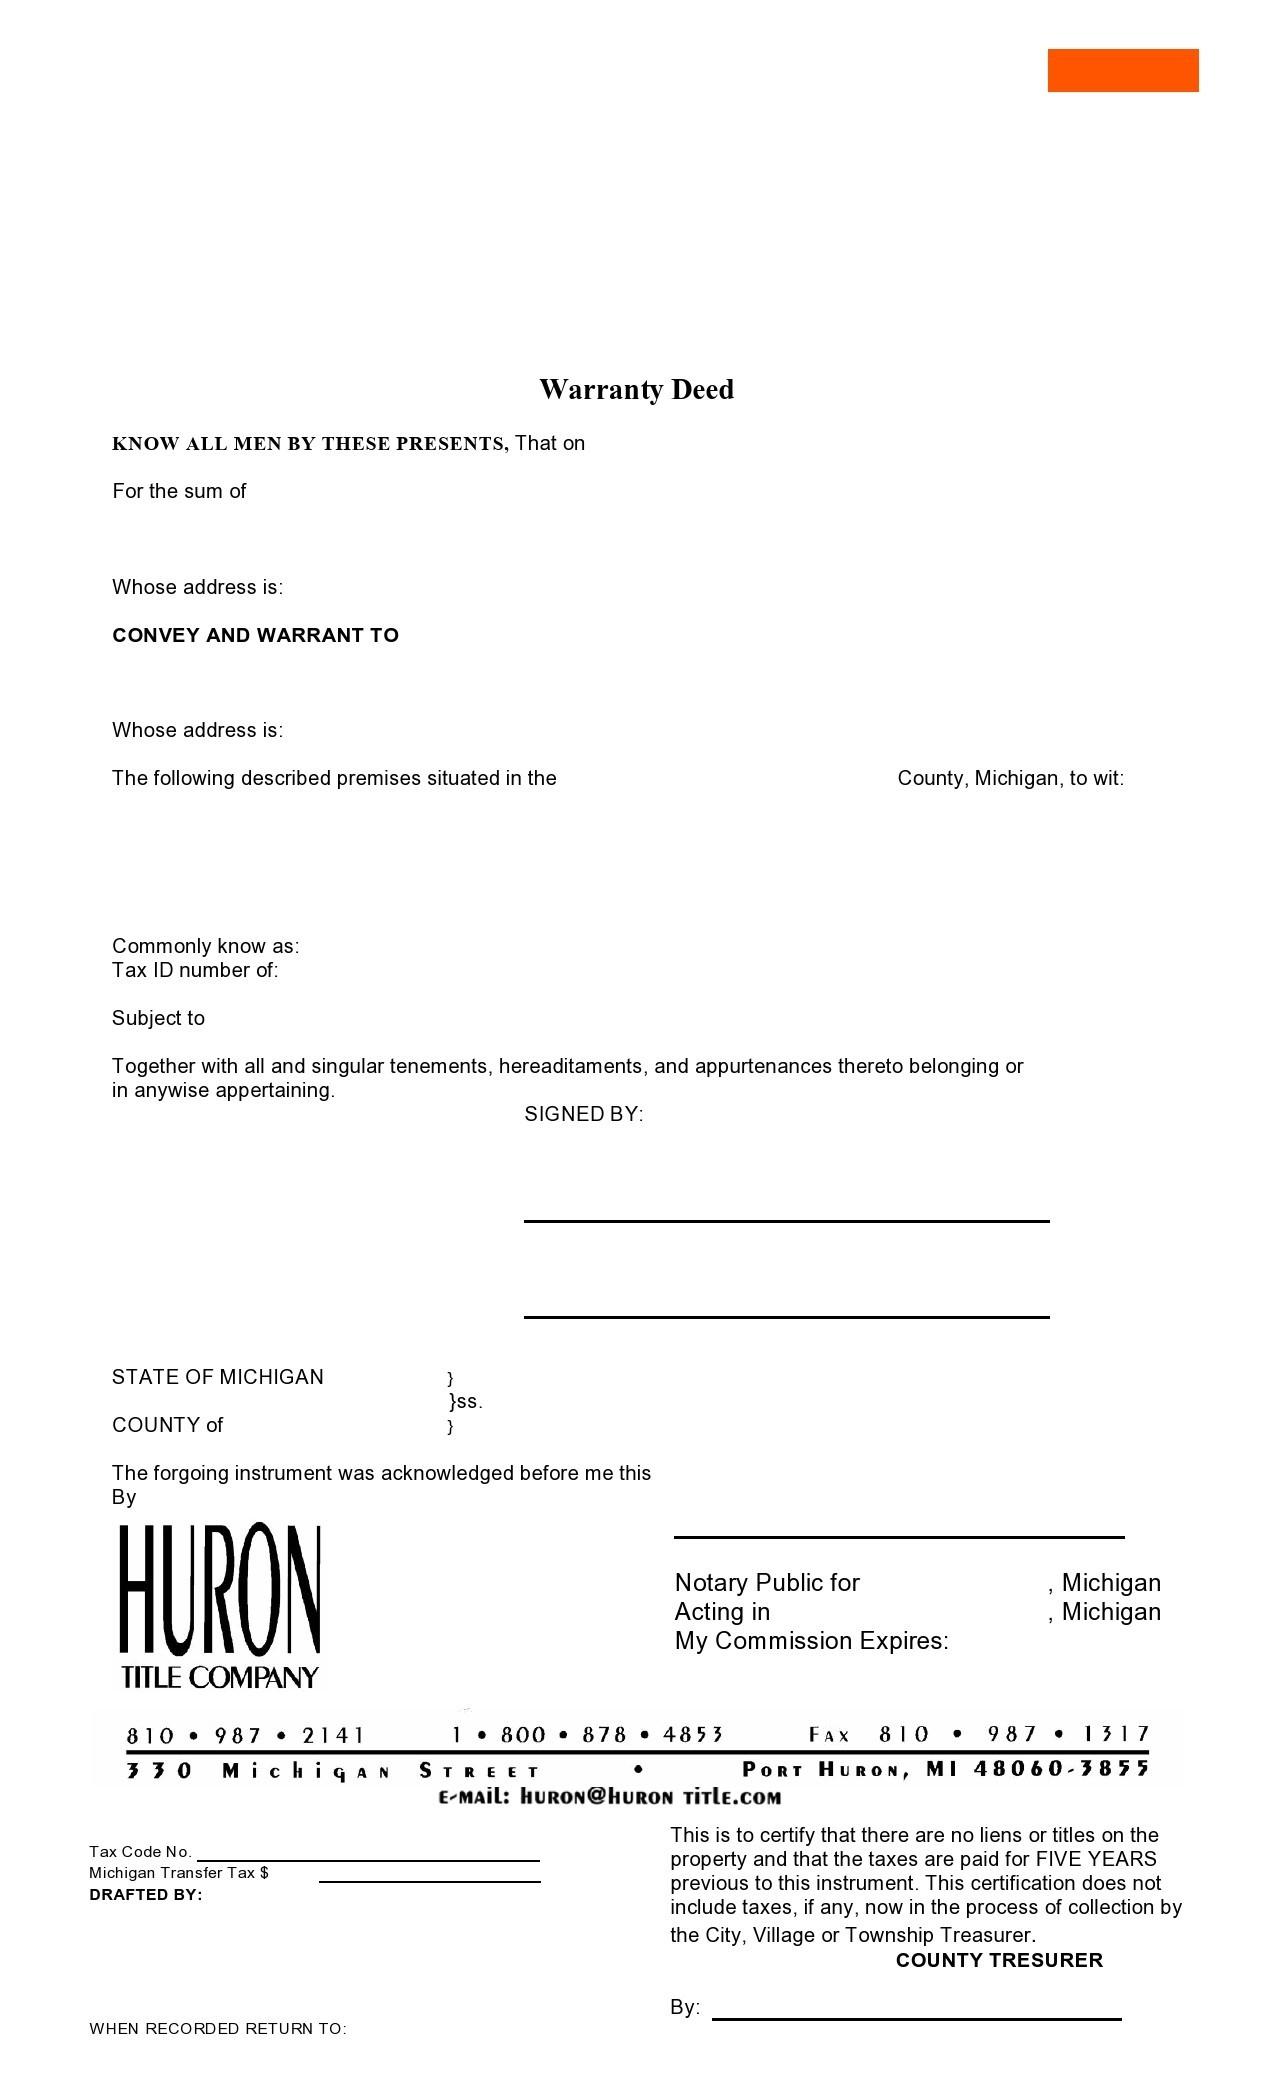 Free warranty deed form 12